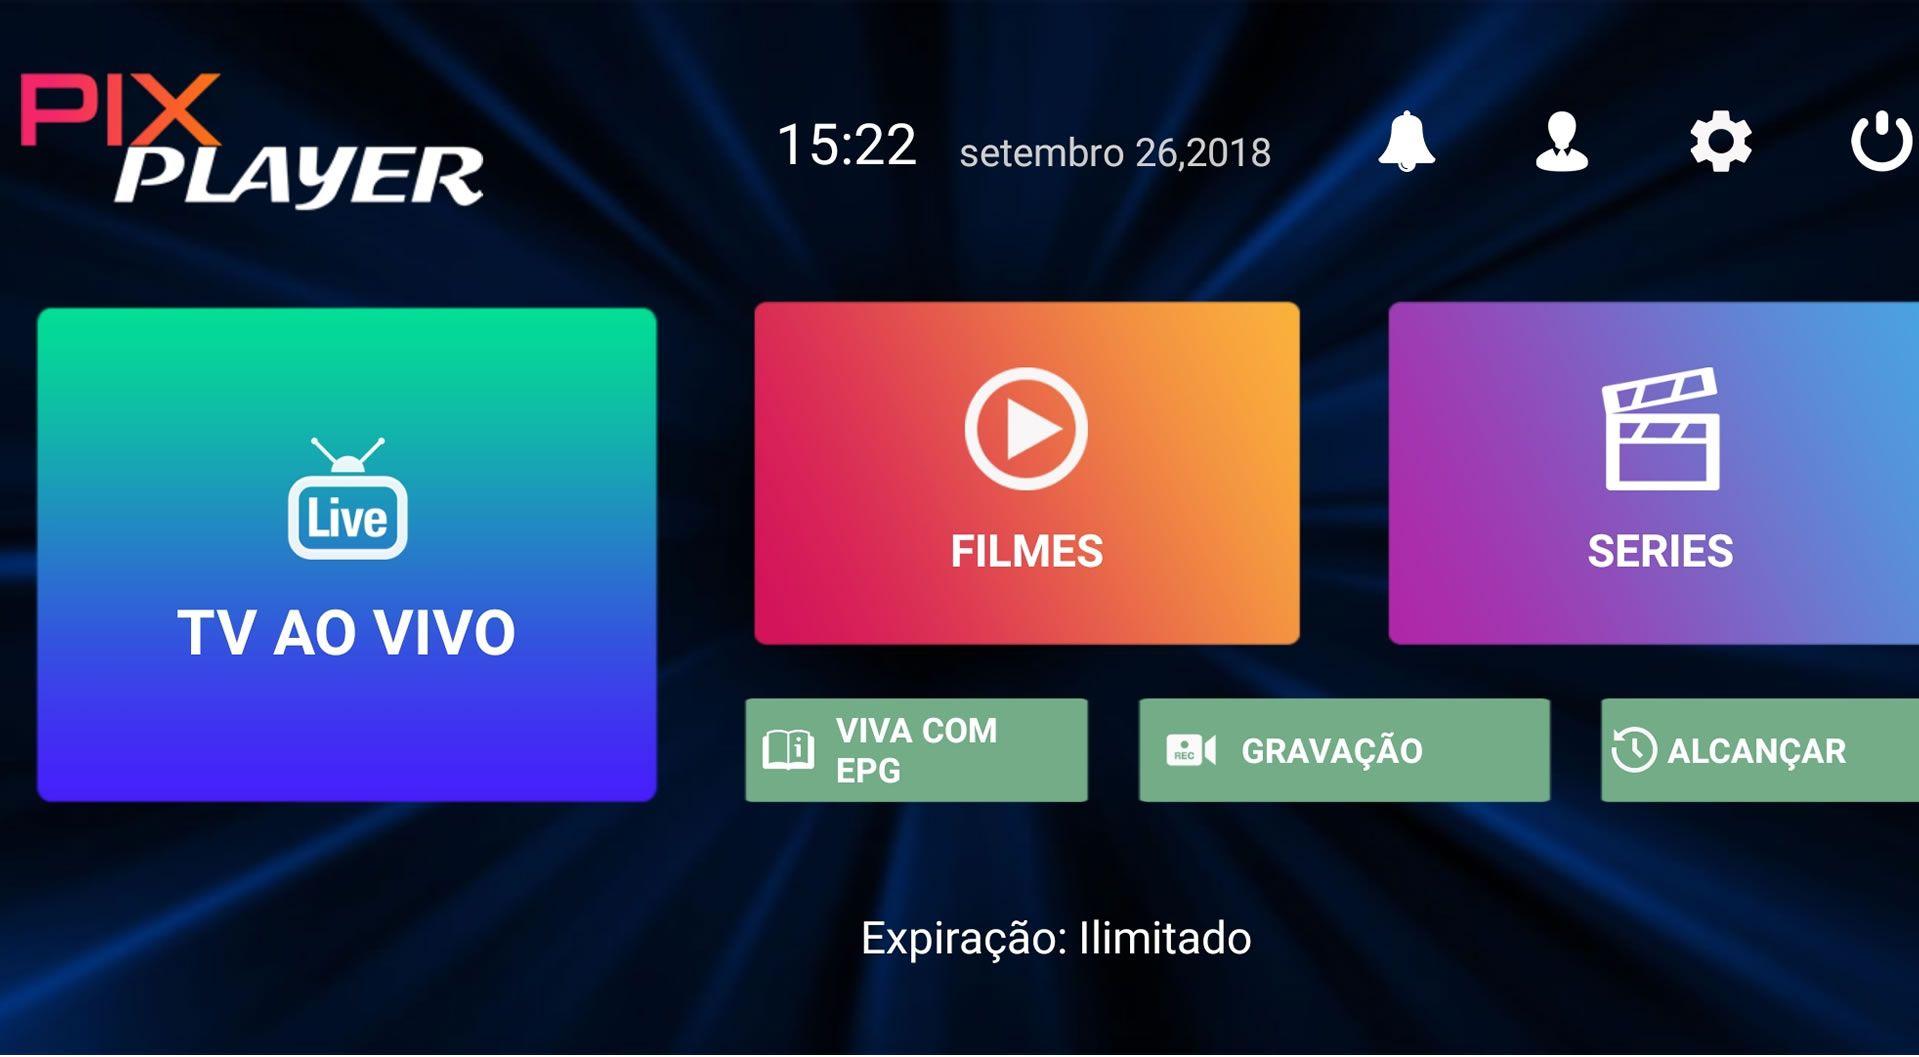 Pix Player Para Celular Box Android Com Imagens Smart Tv